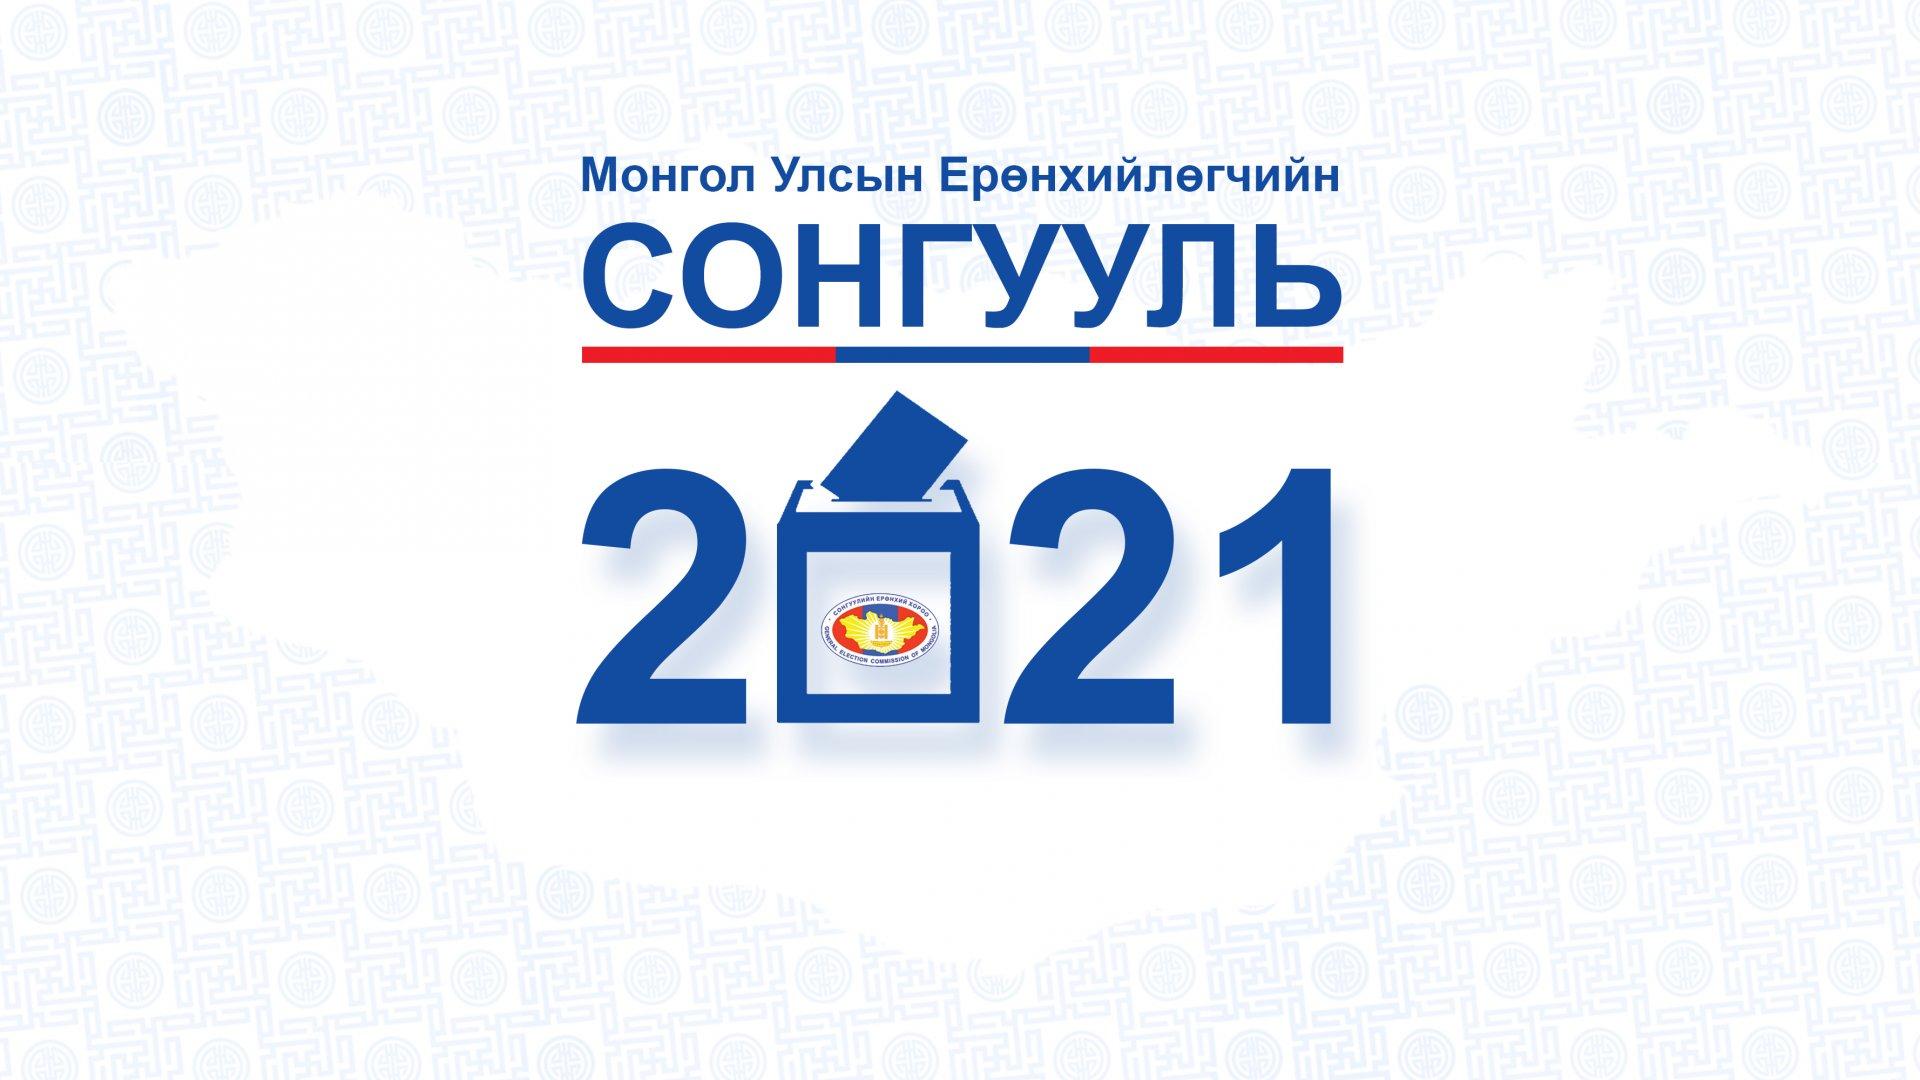 Улсын хэмжээнд 2.151.329 хүн сонгогчдын нэрийн жагсаалтад бүртгэгджээ